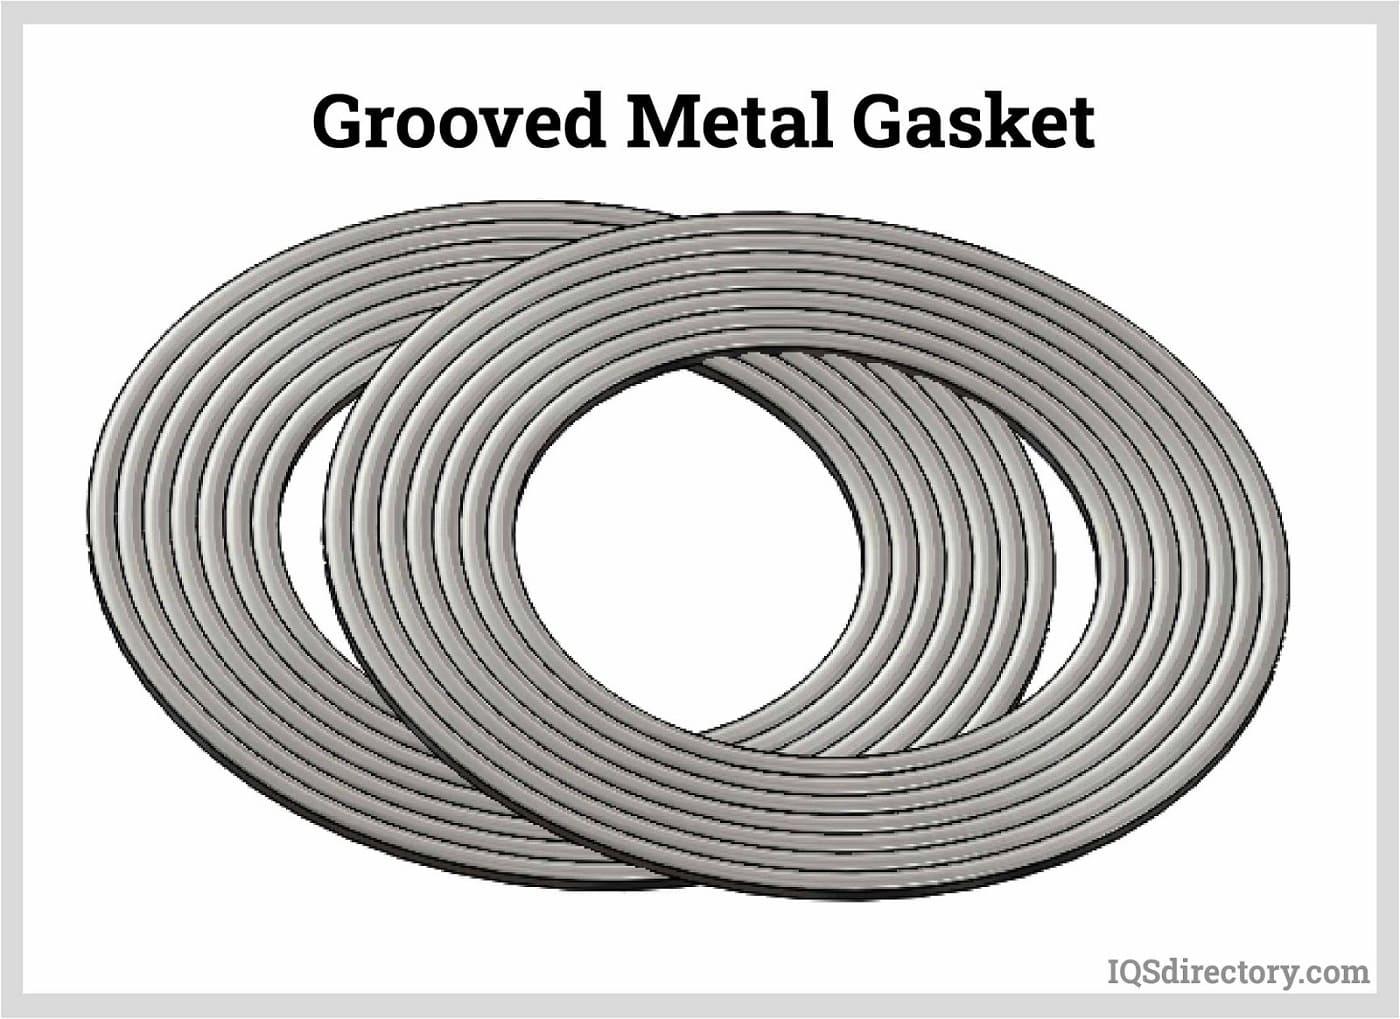 Grooved Metal Gasket